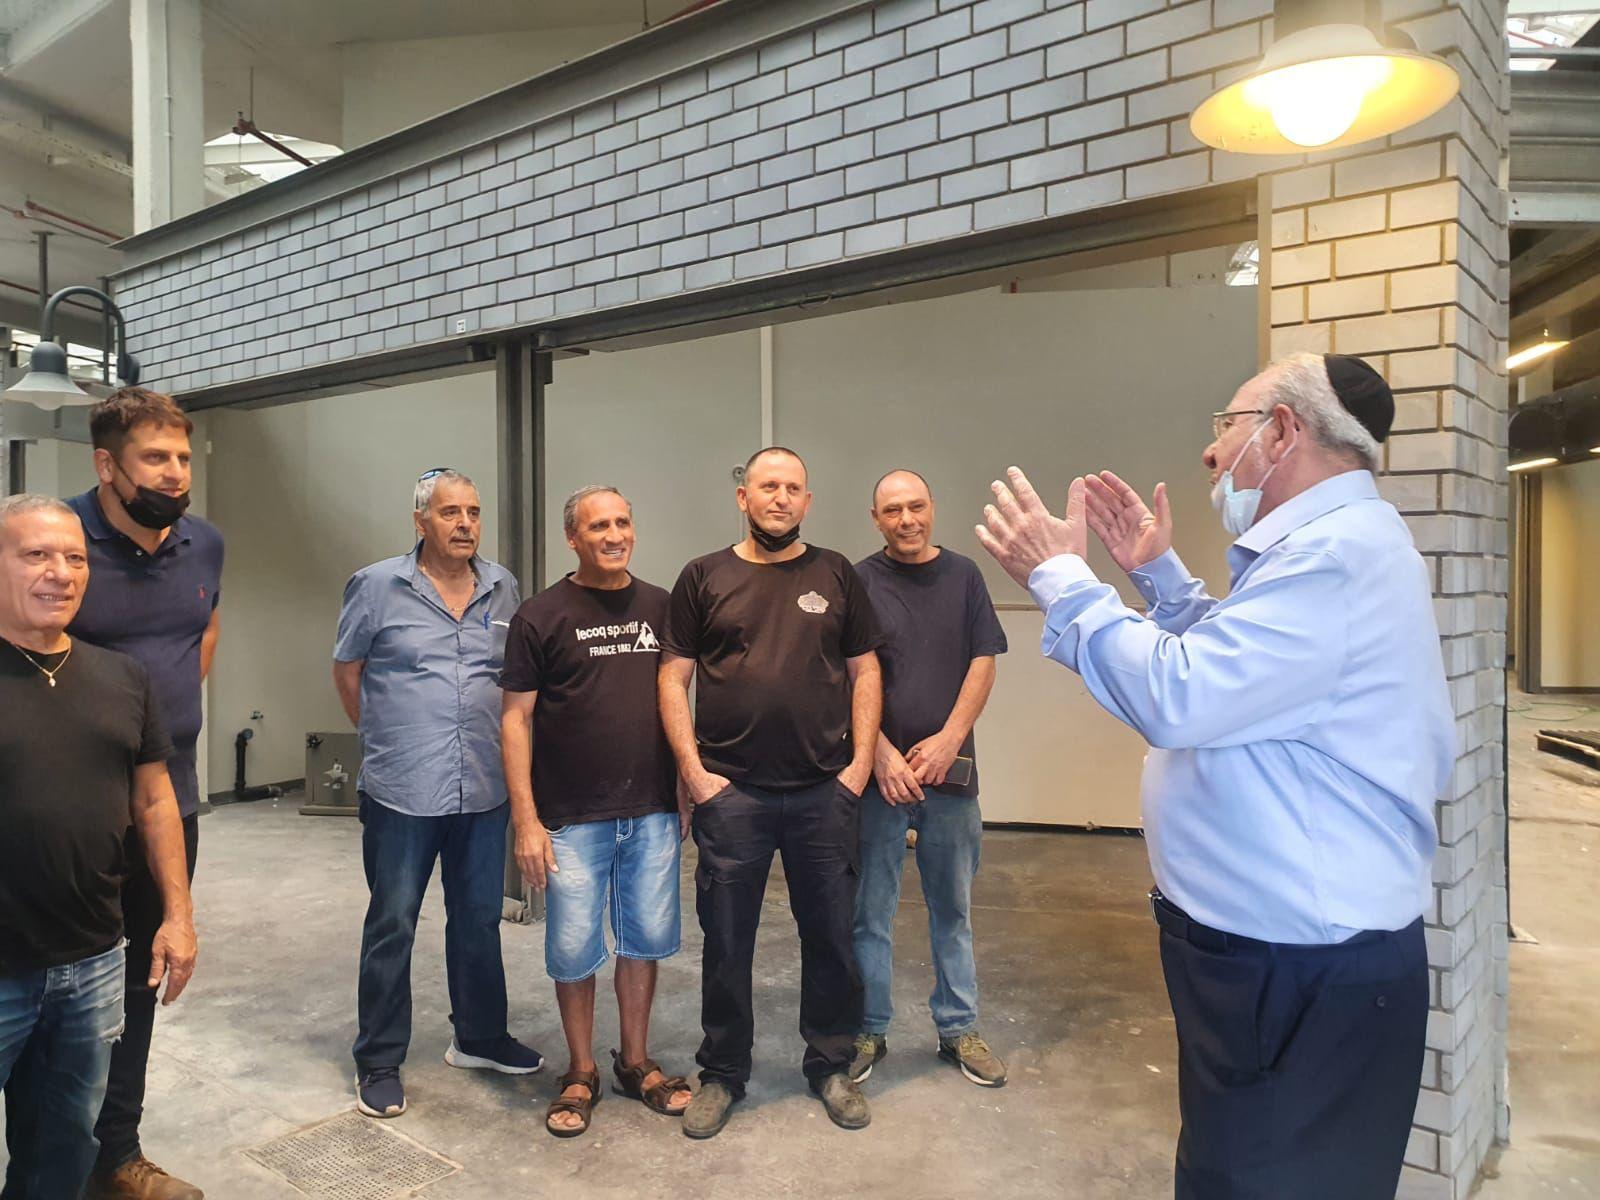 ראש העיר רחמים מלול וסגנו עו״ד יניב מרקוביץ׳ בסיור השבוע בשוק העירוני החדש עם סוחרי השוק